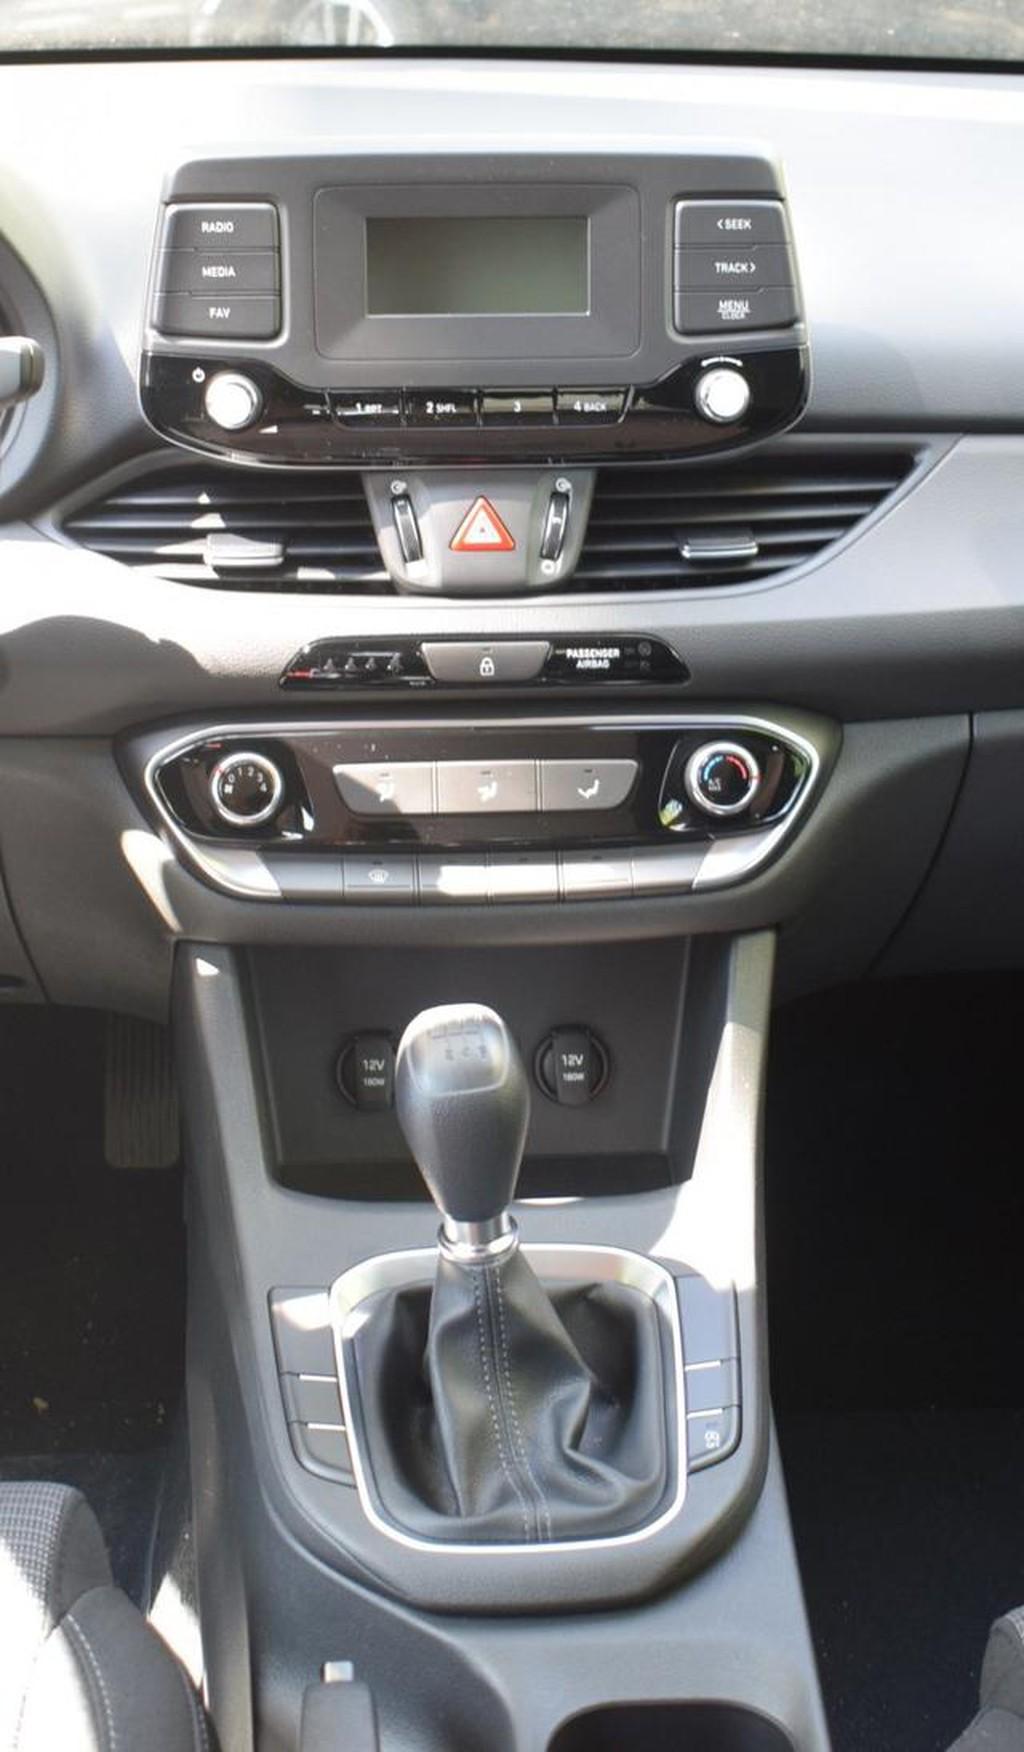 Hyundai i30 1.4 M T Pure el Spiegel Fensterheb